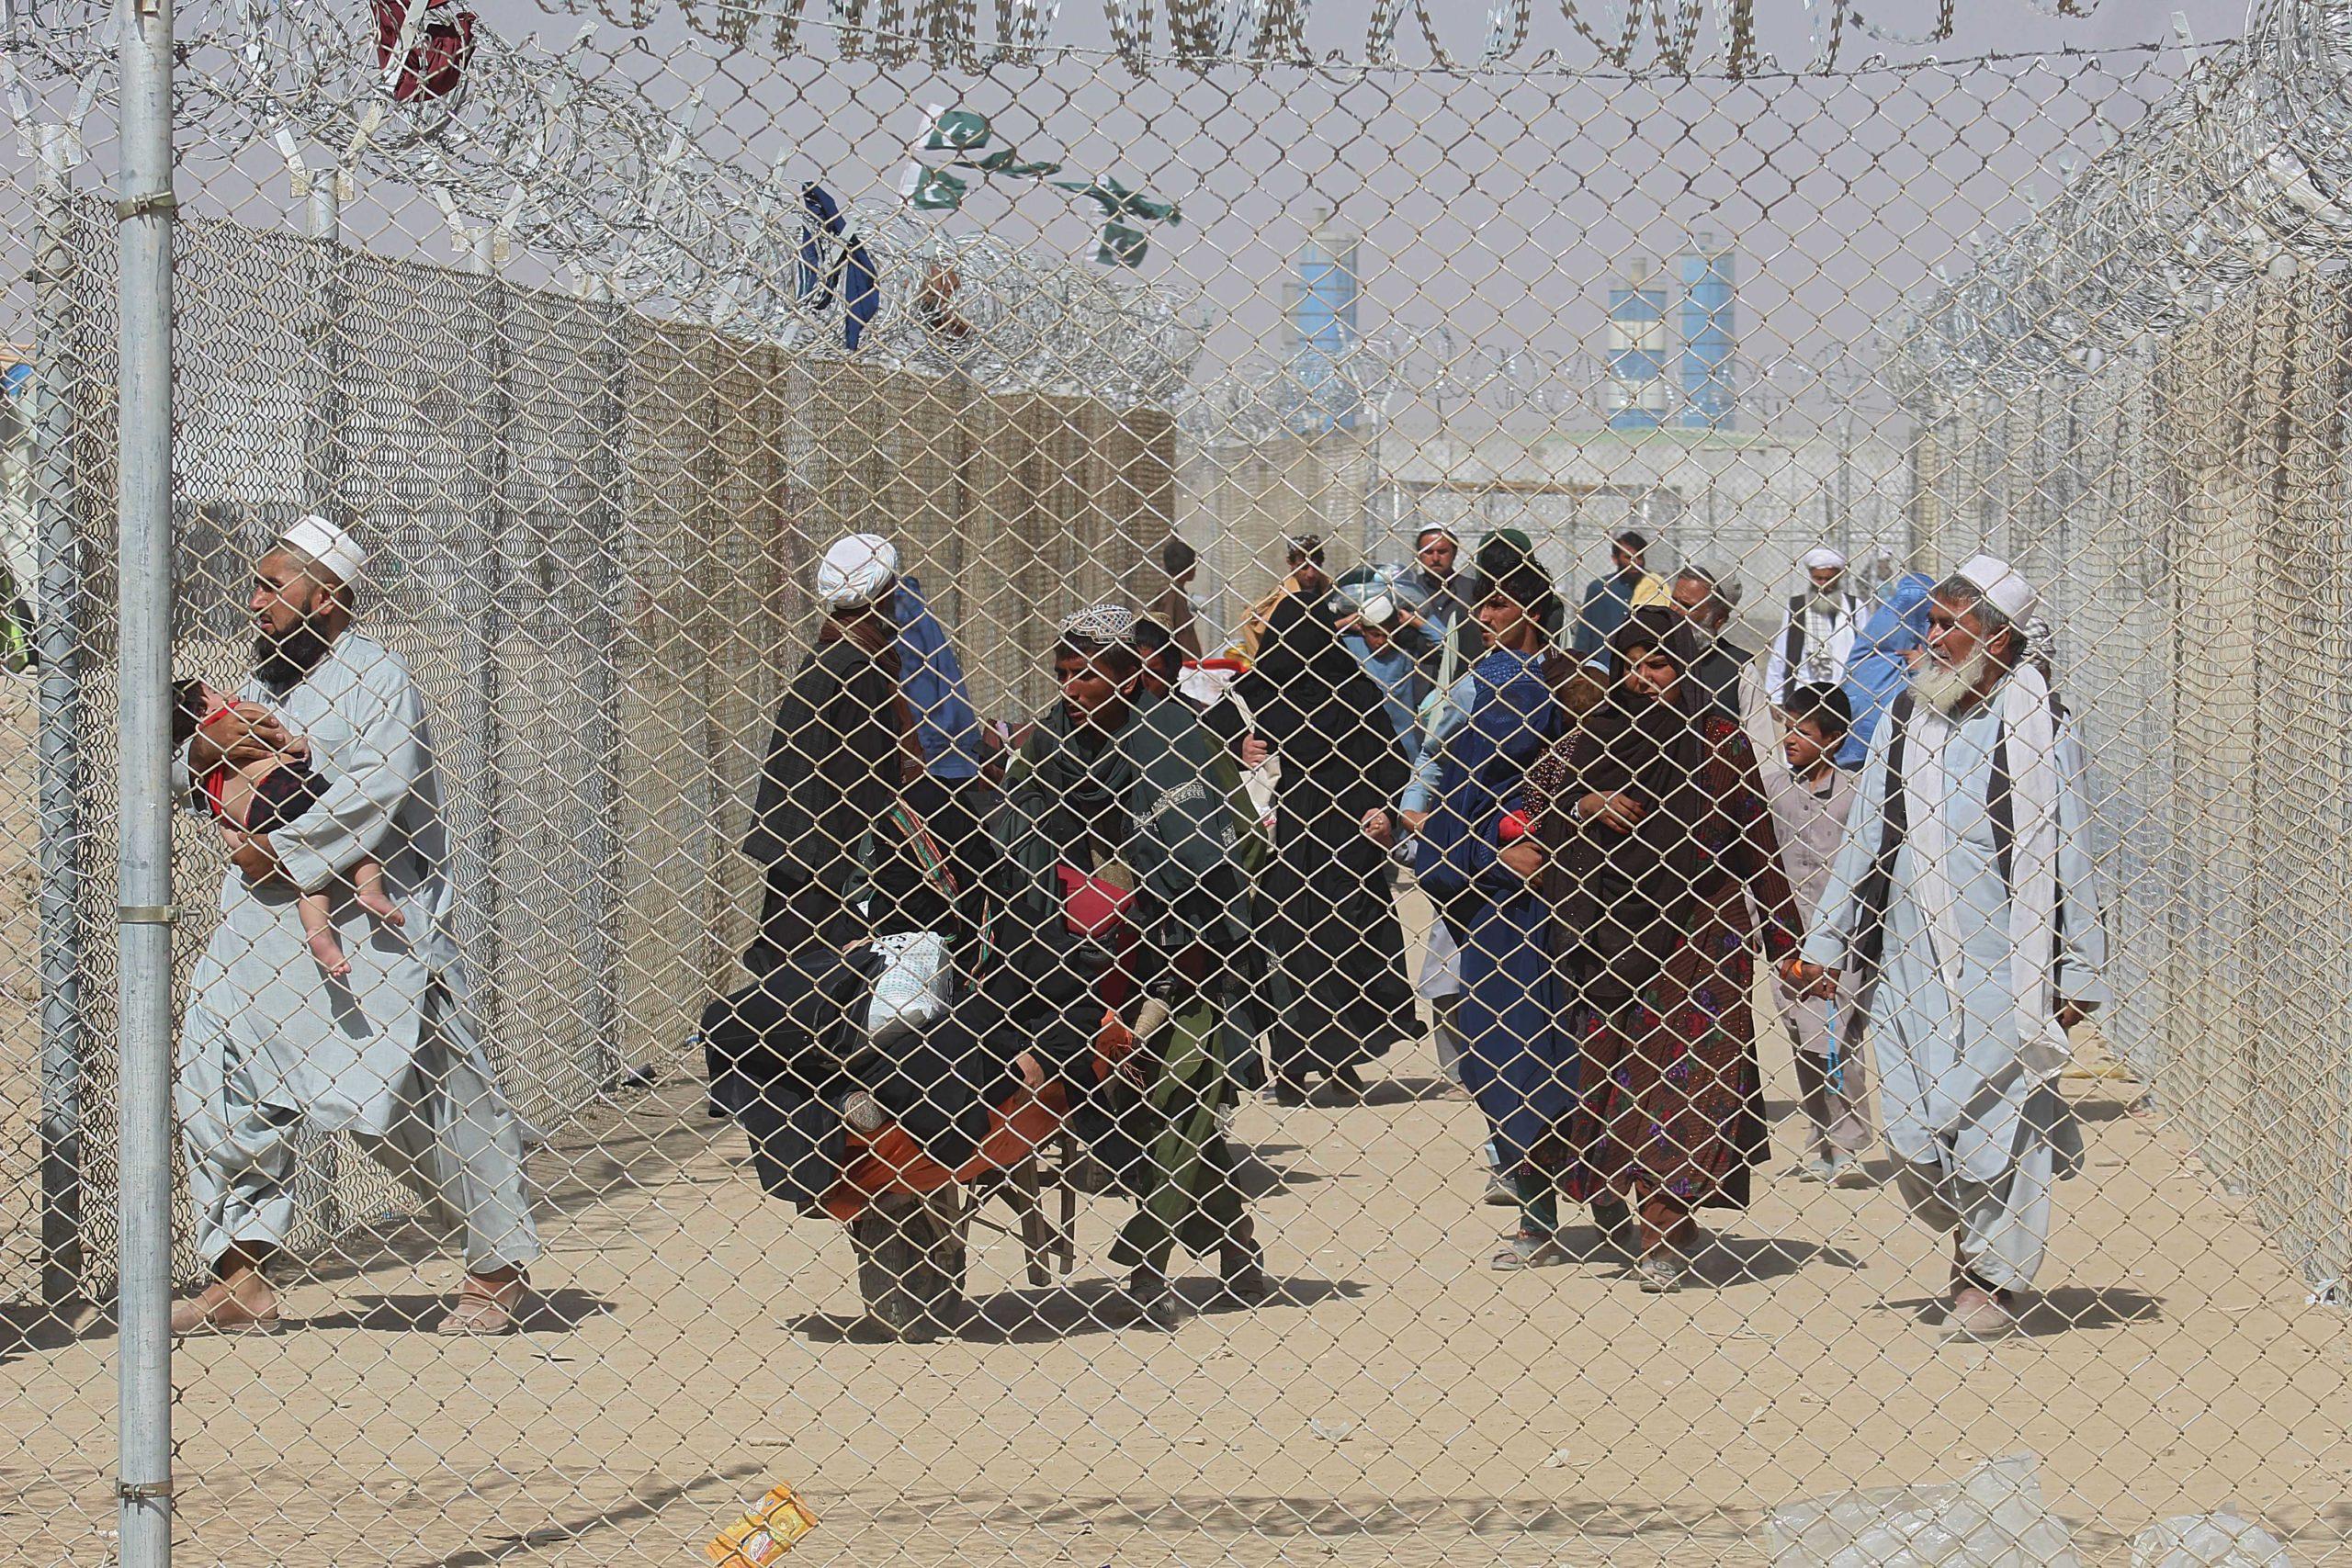 gettyimages 1234857719 scaled - <b>Світ на порозі нової міграційної кризи через захоплення Афганістану талібами.</b> Вона не омине й Україну - Заборона